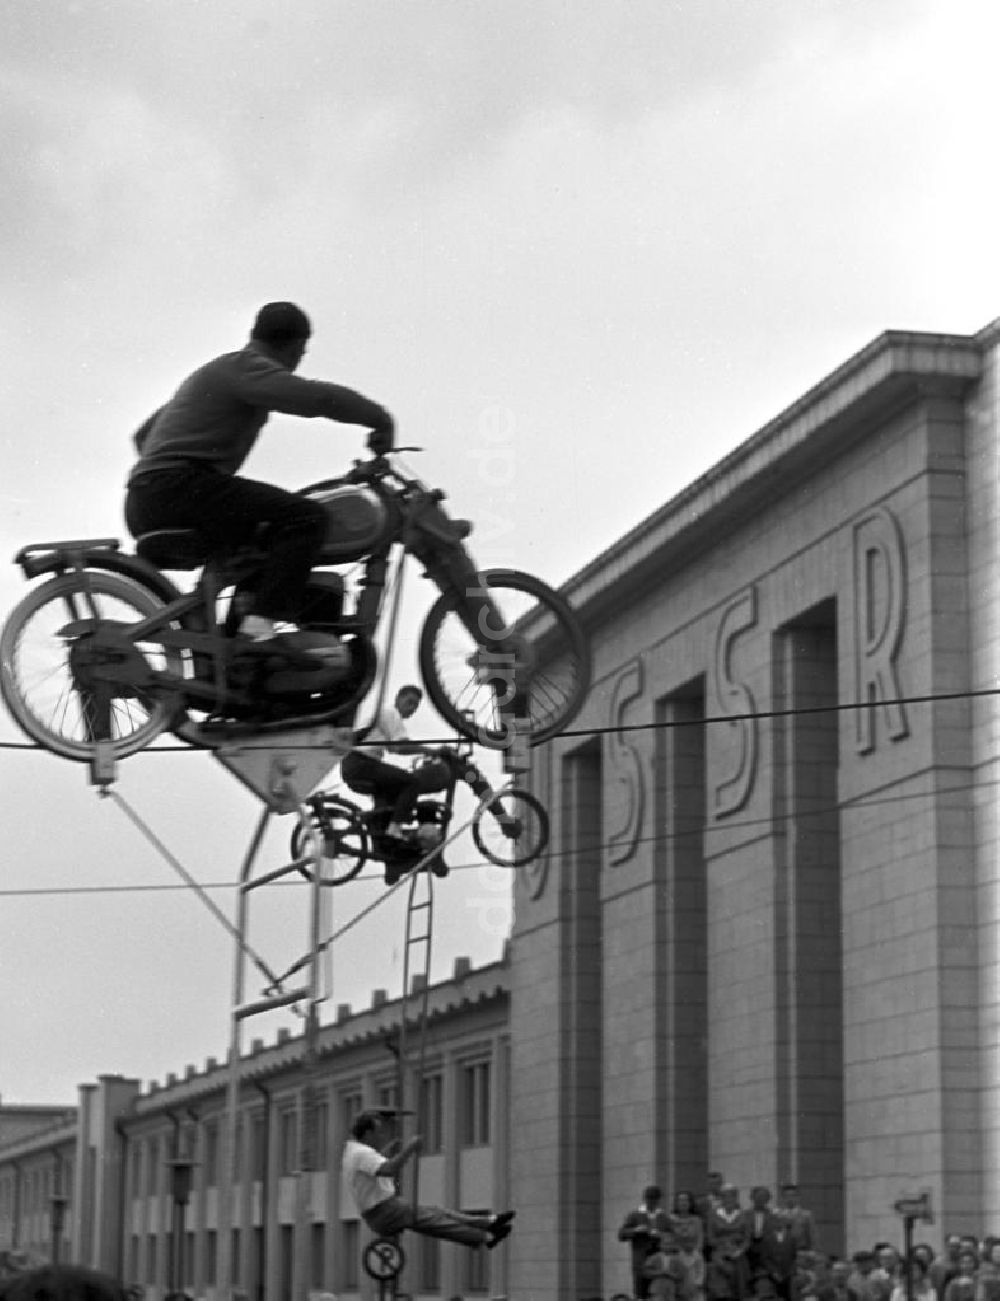 Paysage des 2 roues : hier et aujourd'hui Ddr-fotos-leipzig-pressefest-artisten-53581